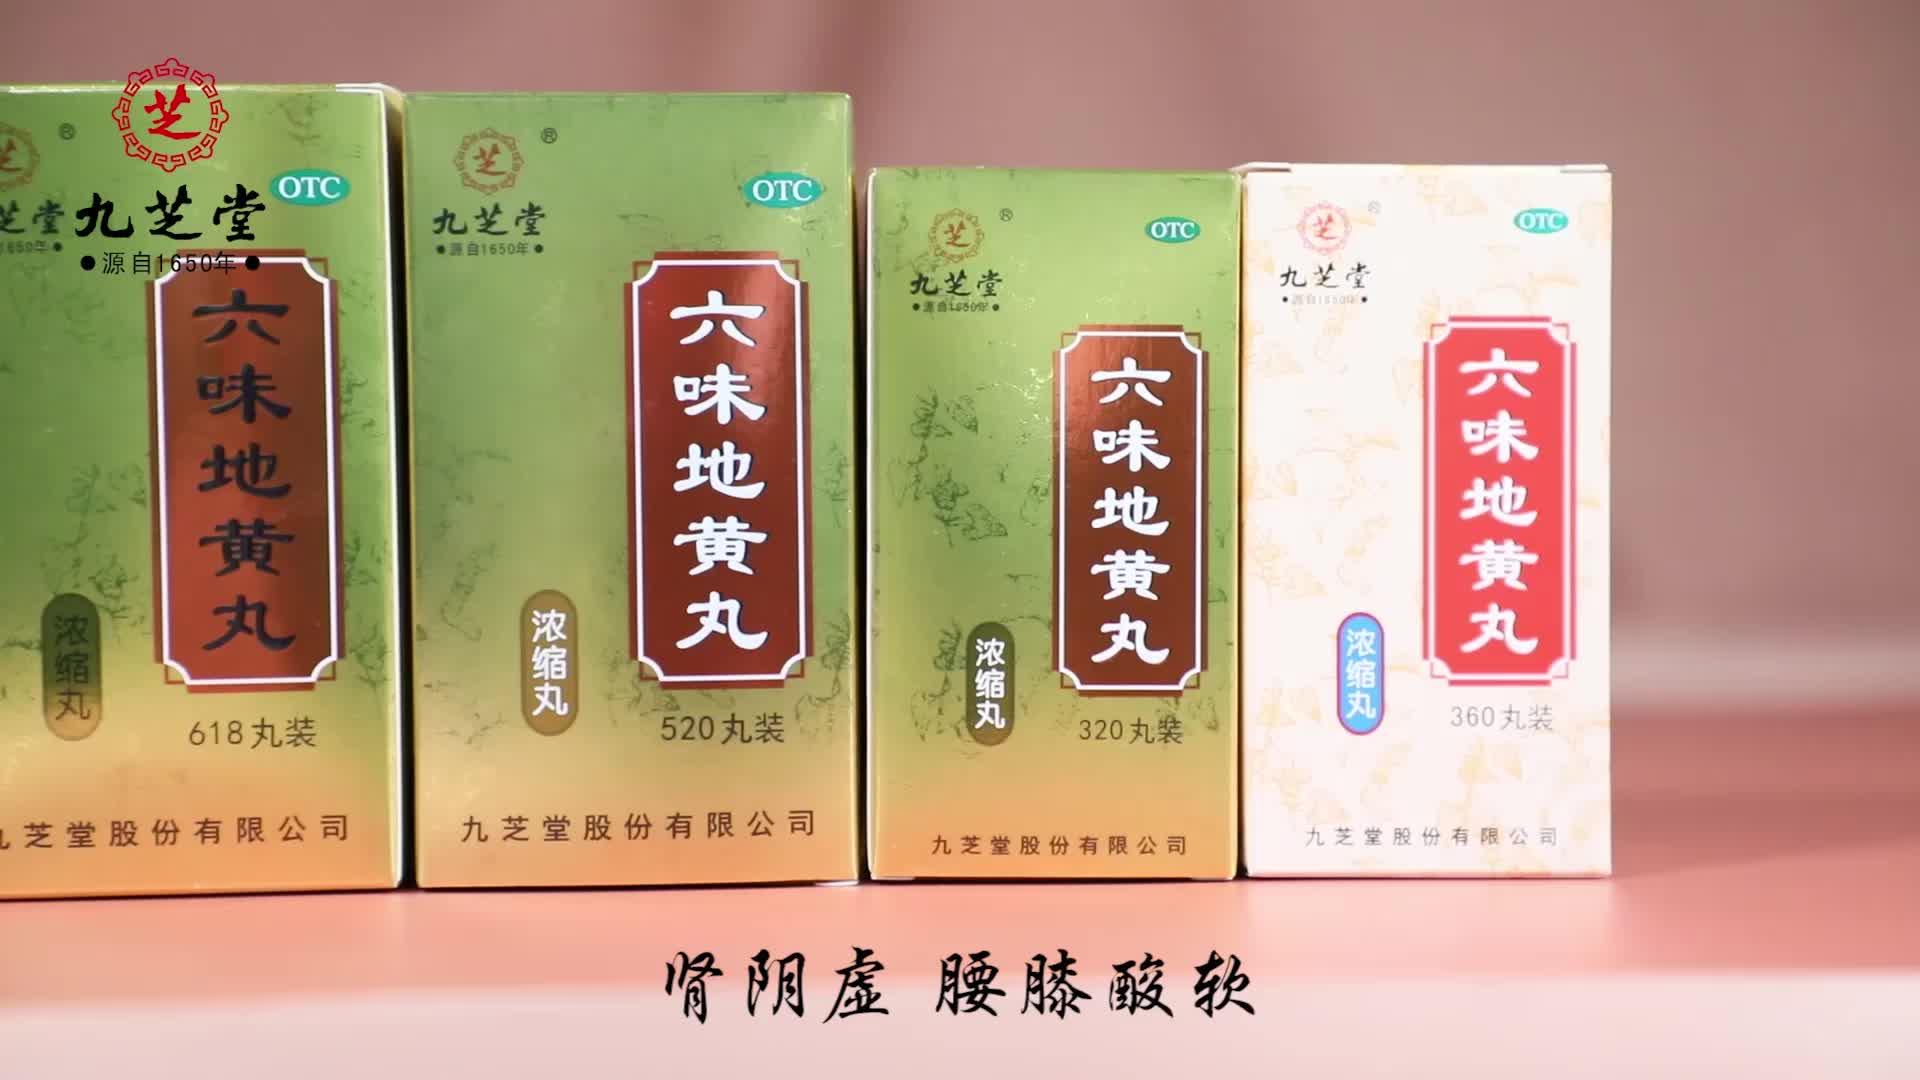 JIUZHITANG LIU WEI DI HUANG WAN-Six Flavor Rehmanni 360 таблетки от JIUZHITANG